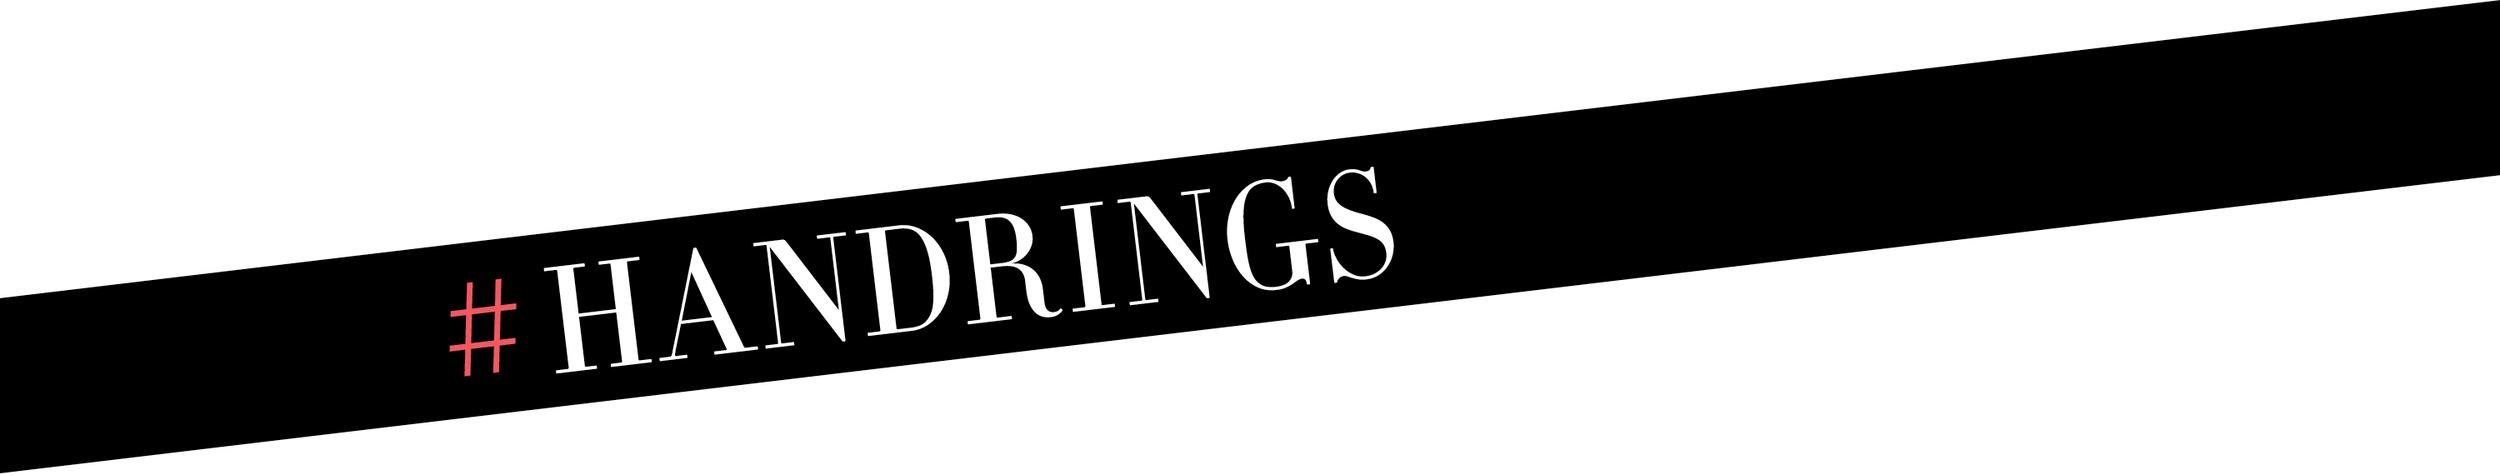 Meet the Handrings